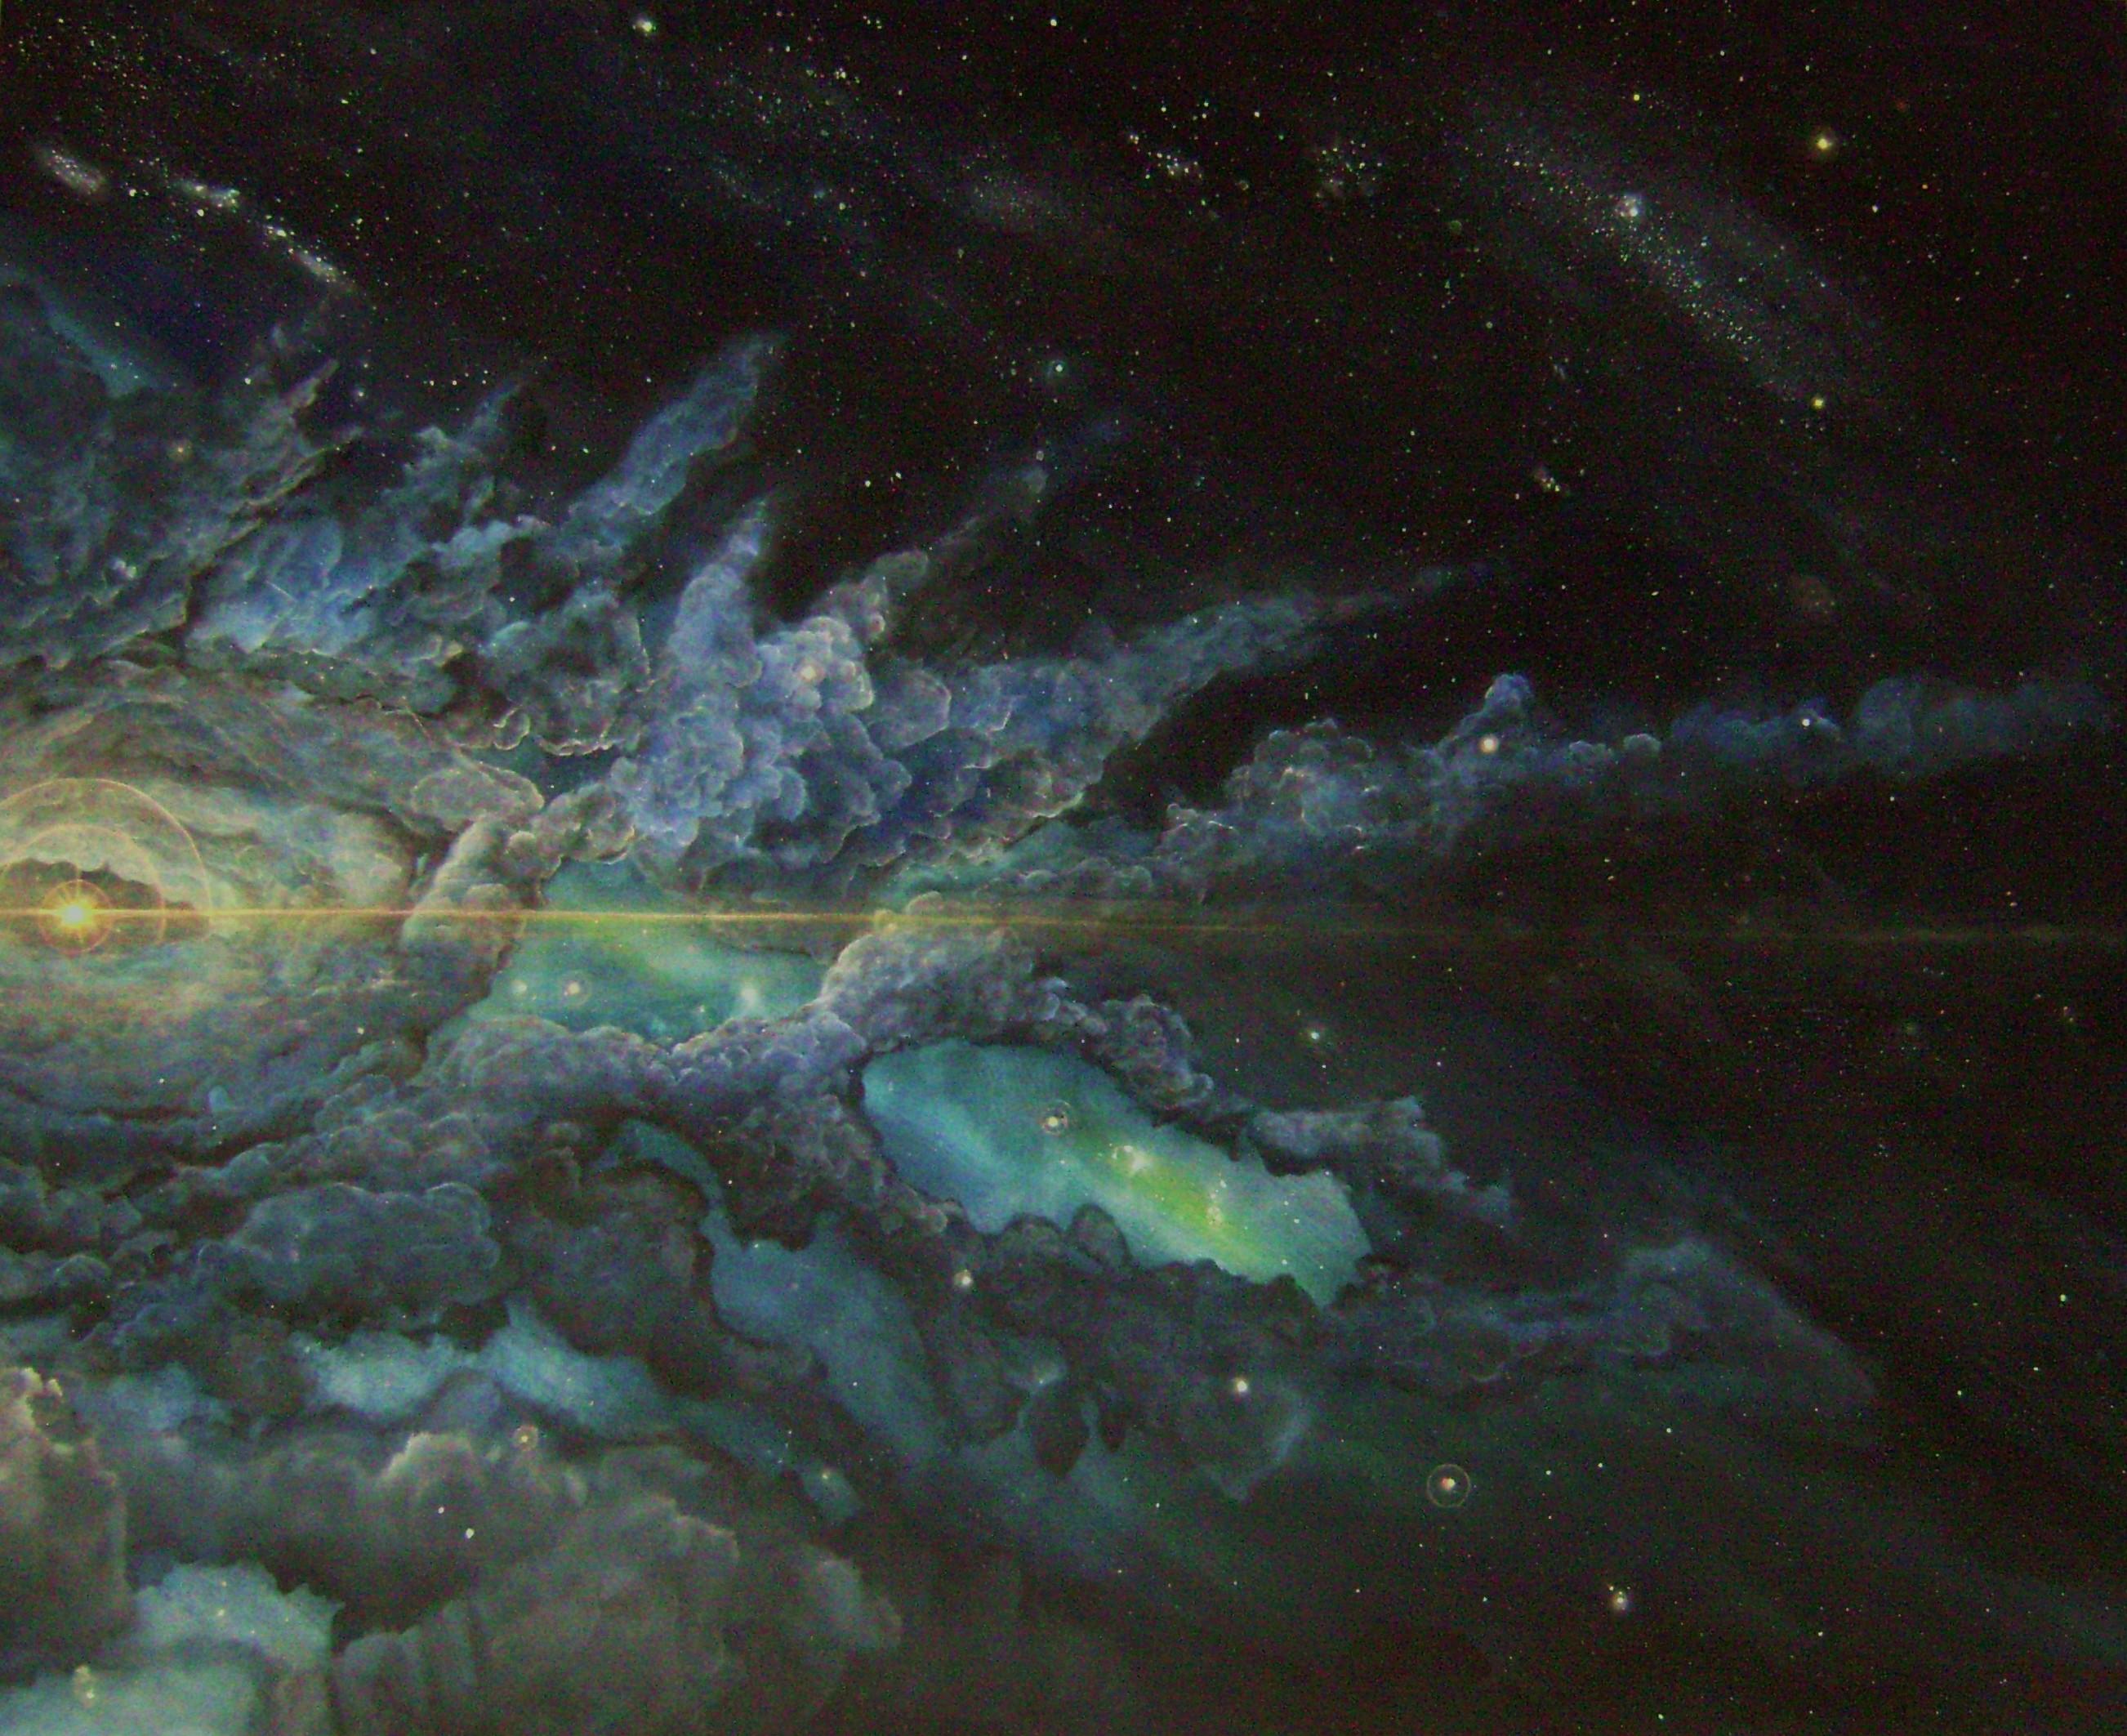 Dragons eye nebula (2011)